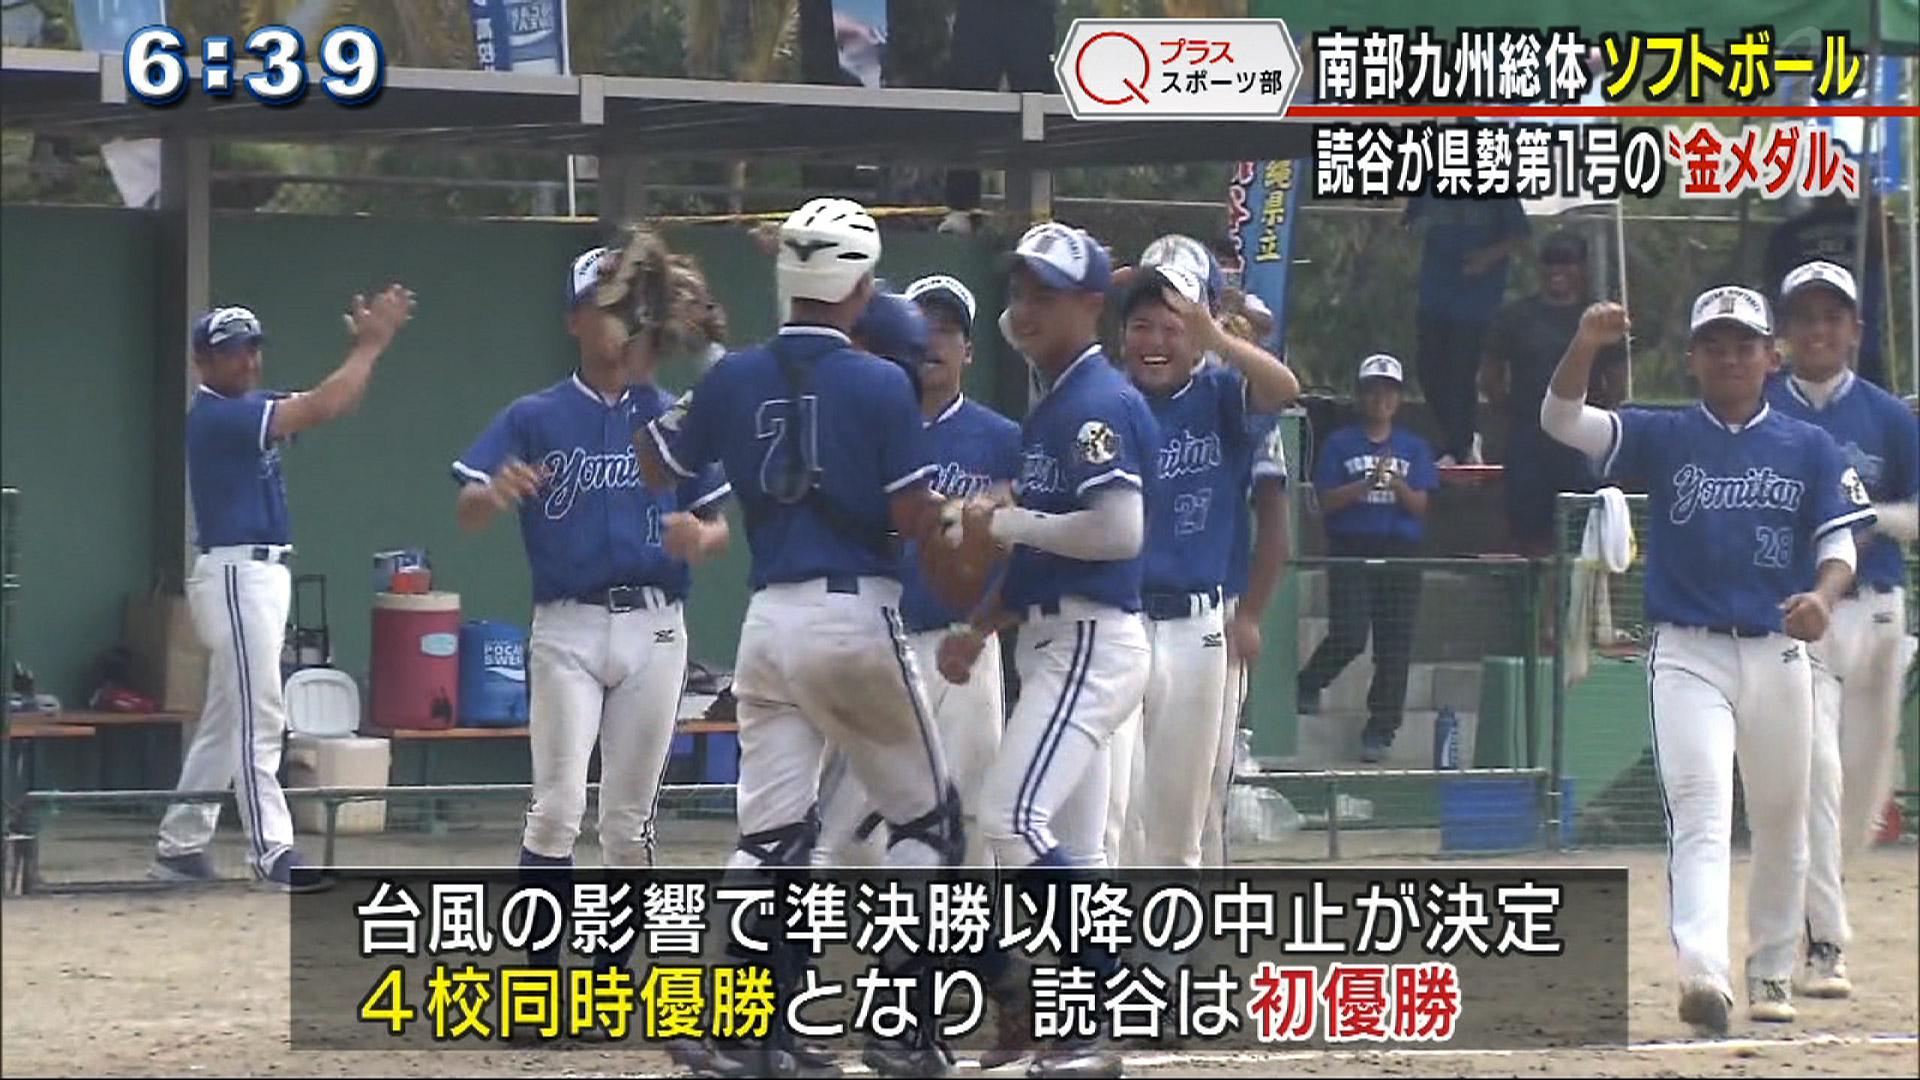 ばんみかせ!南部九州総体「男子ソフトボールで日本一!」